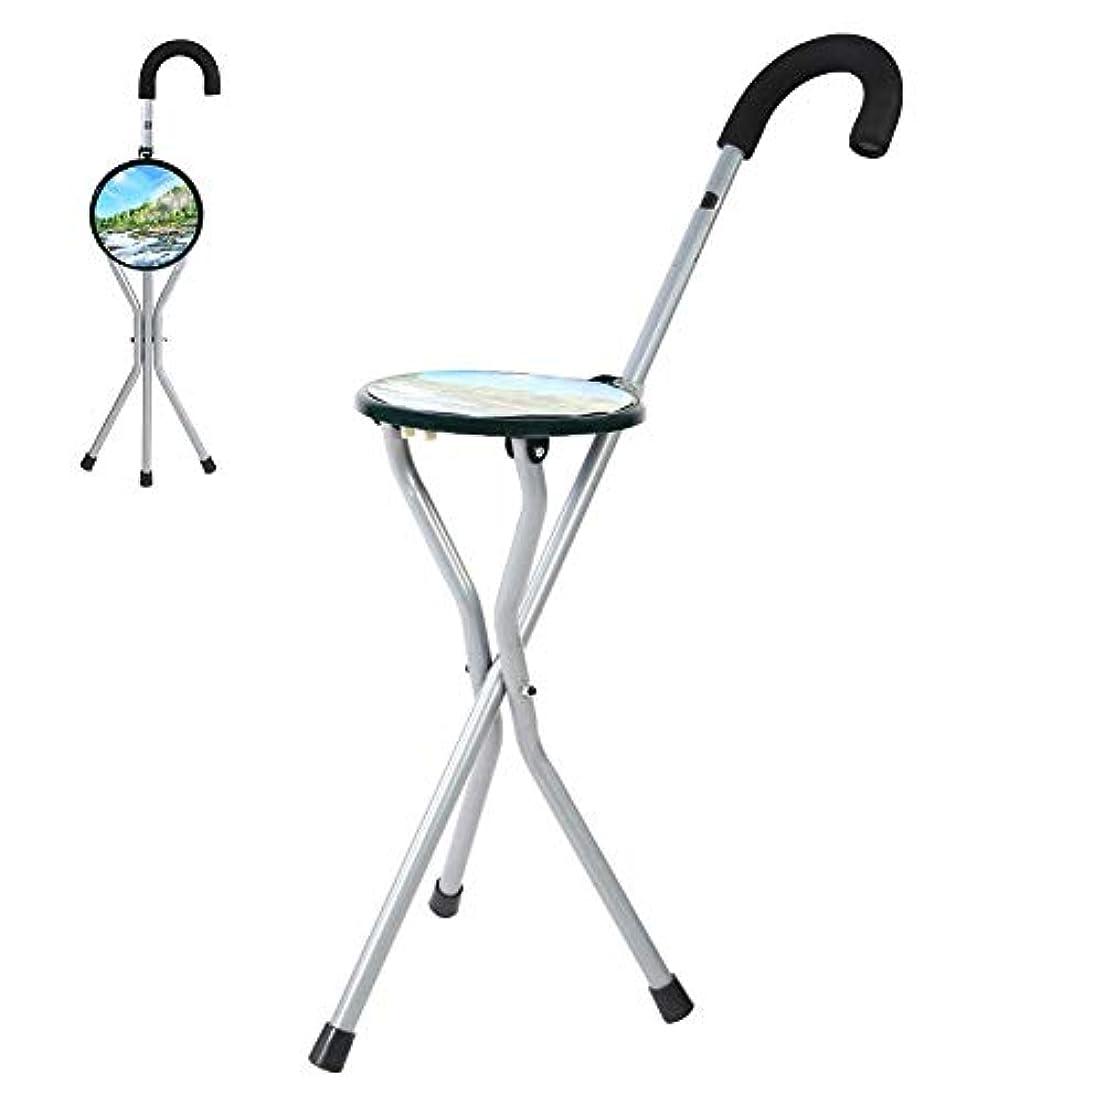 羊のレンディション信者ステッキの椅子、鉄のポータブル折りたたみ老人用ステッキシート三脚トラベルチェアスツール